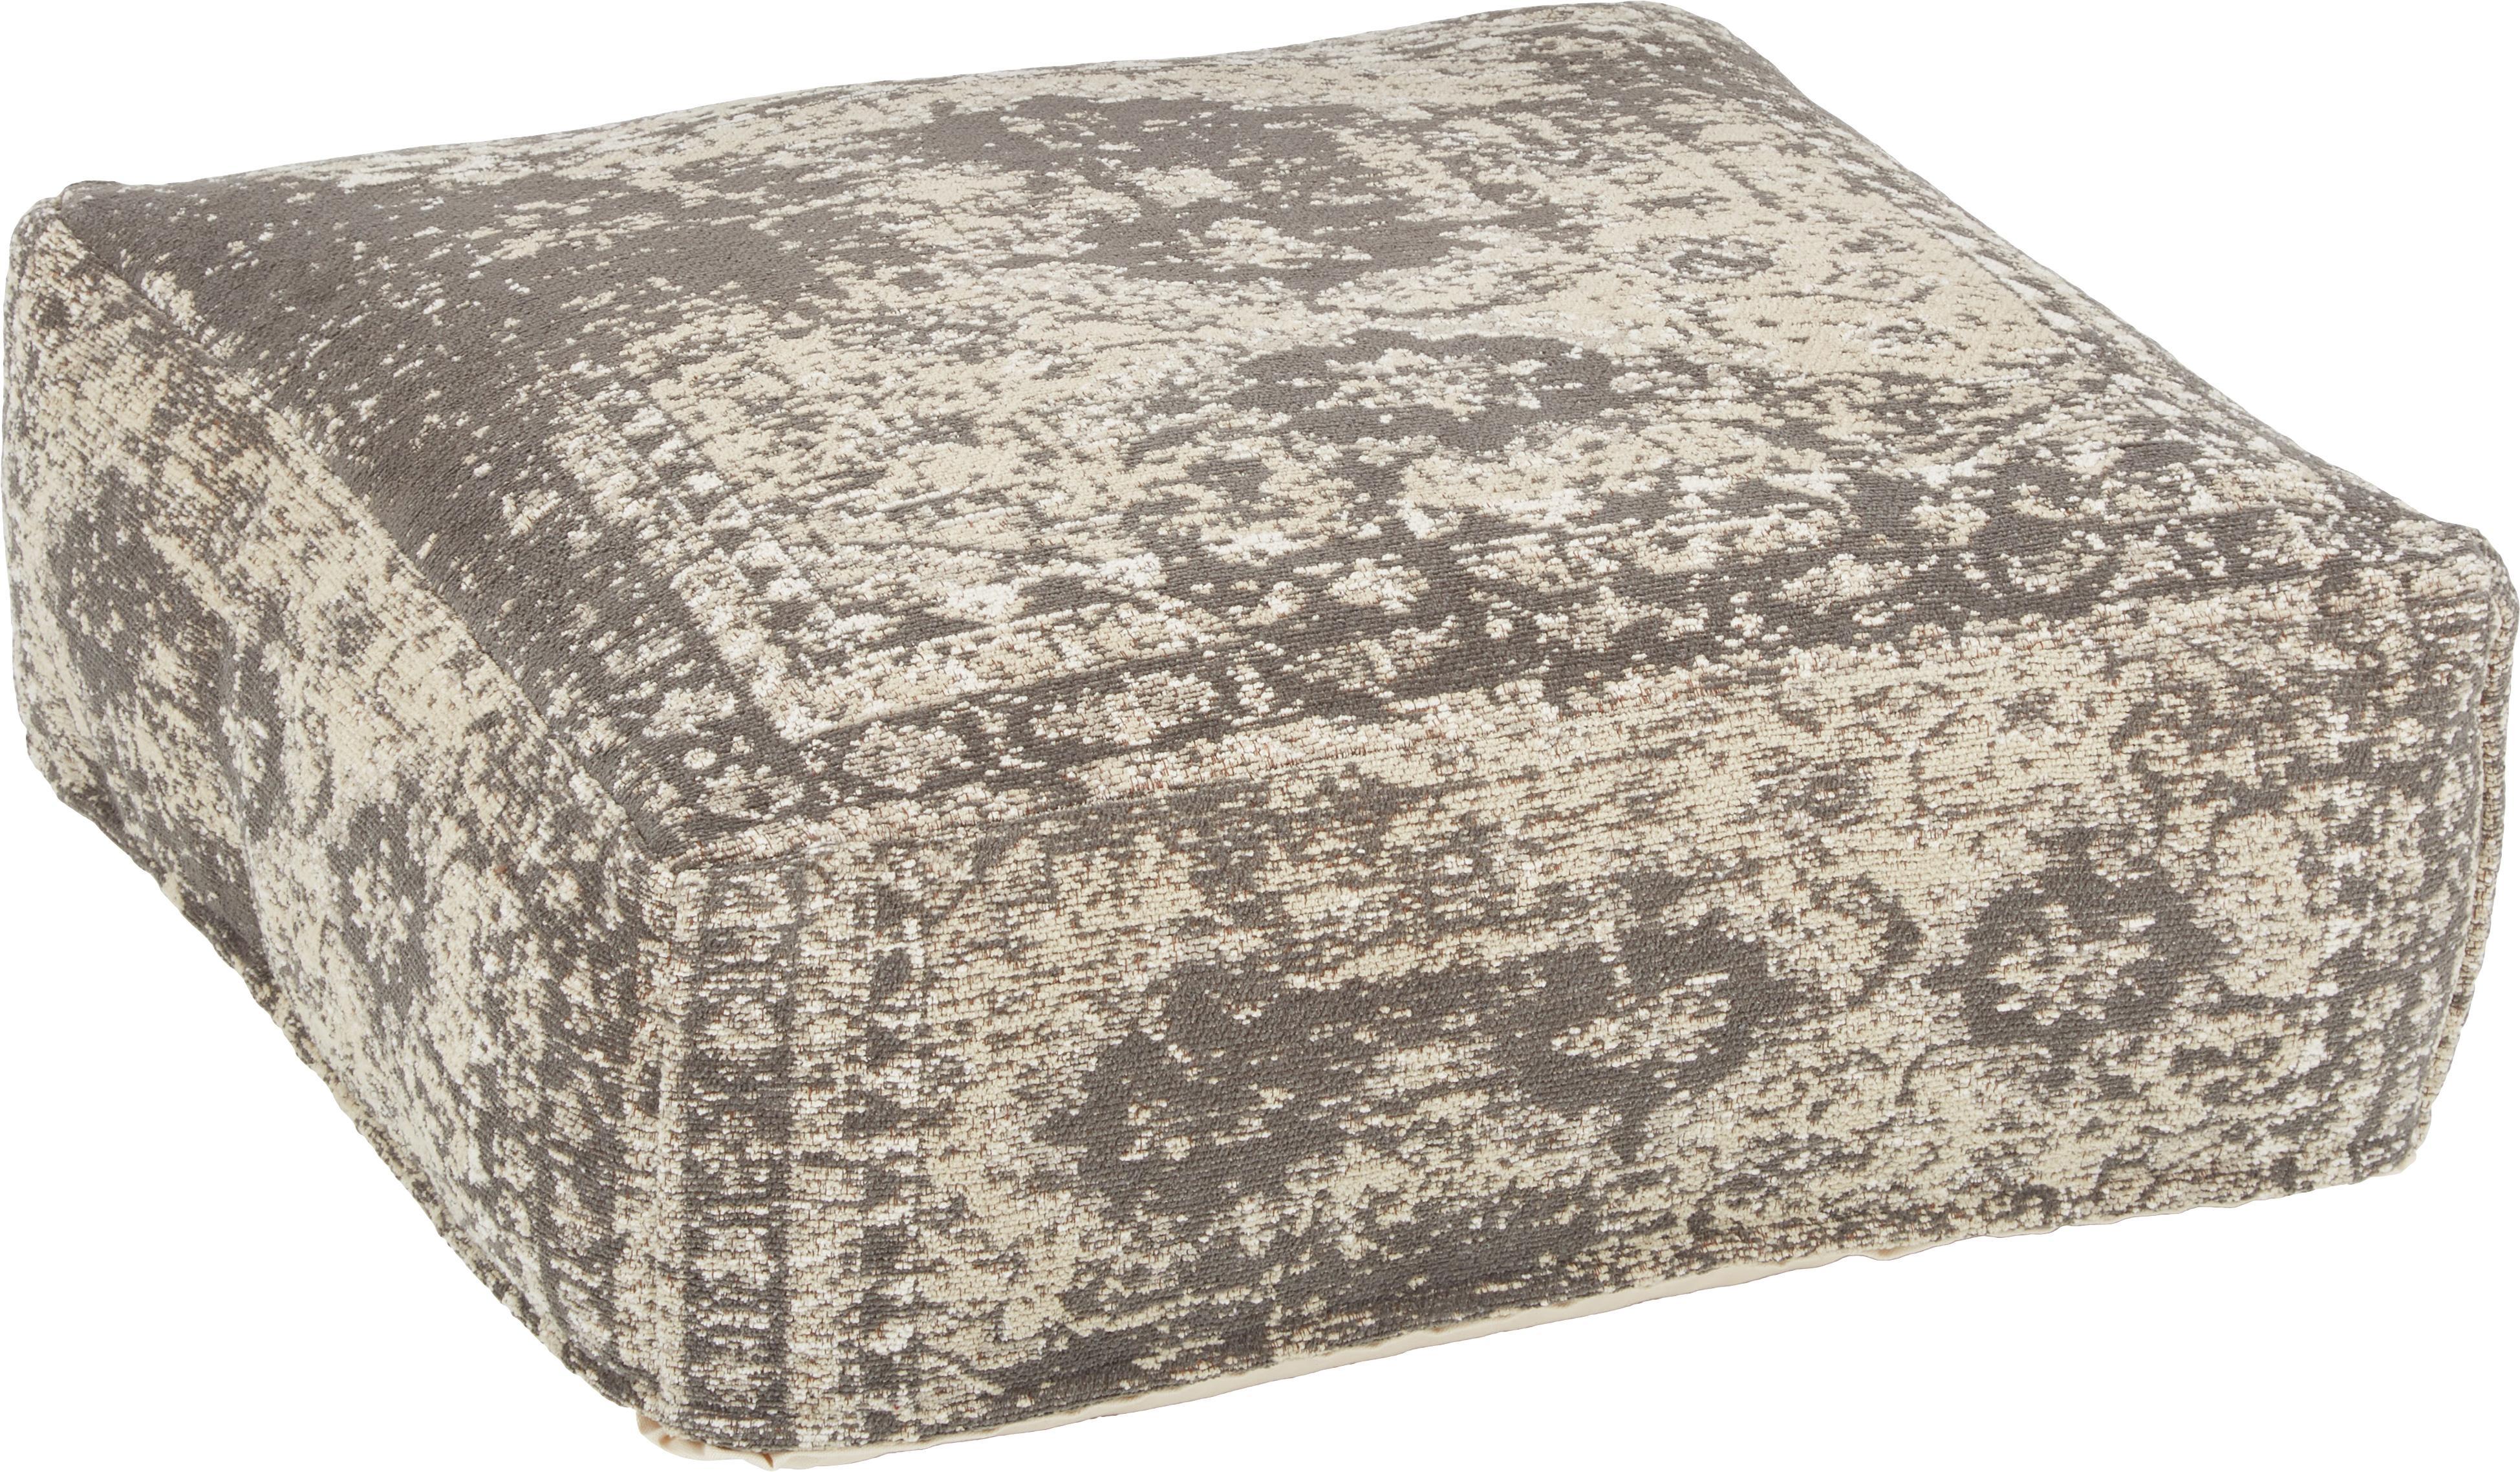 Cuscino da pavimento vintage Rebel, Rivestimento: 95% cotone, 5% poliestere, Grigio scuro, crema, Larg. 70 x Alt. 20 cm